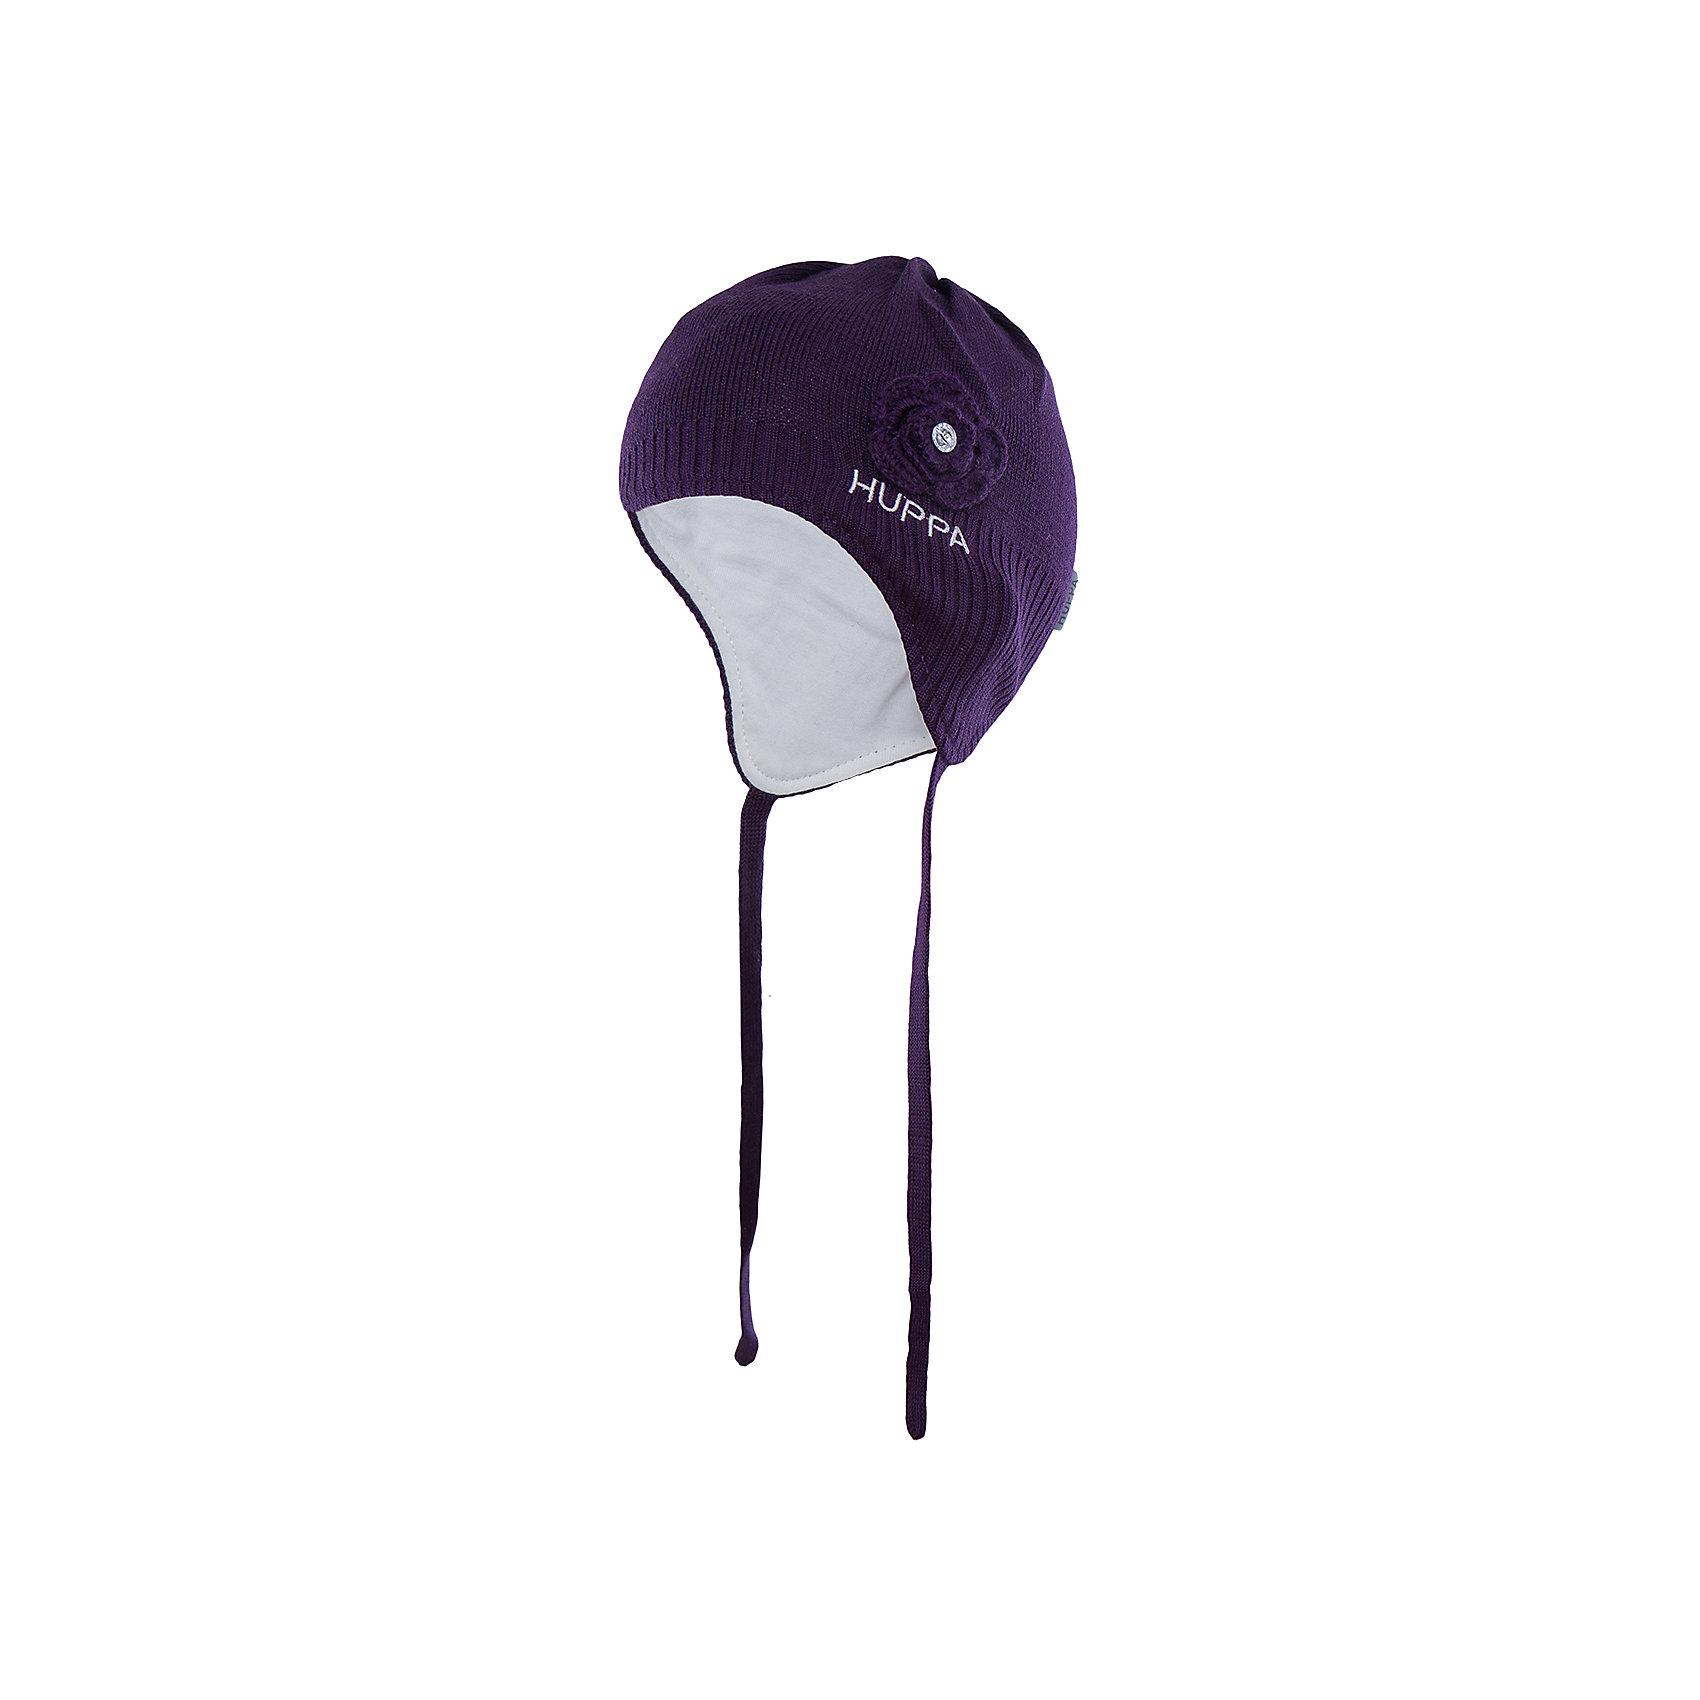 Шапка для девочки HuppaВязаная шапка LOORA Huppa(Хуппа) изготовлена из акрила с подкладкой из хлопка. Она отлично согреет девочку и защитит уши от ветра. Шапка имеет завязки и широкую резинку для более надежной фиксации. Модель украшена декоративным цветком со стразой. Прекрасны выбор для юных модниц!<br><br>Дополнительная информация:<br>Материал: 50% шерсть мериноса, 50% акрил<br>Подкладка: хлопок<br>Цвет: темно-лиловый<br><br>Вы можете приобрести шапку LOORA Huppa(Хуппа) в нашем интернет-магазине.<br><br>Ширина мм: 89<br>Глубина мм: 117<br>Высота мм: 44<br>Вес г: 155<br>Цвет: фиолетовый<br>Возраст от месяцев: 36<br>Возраст до месяцев: 72<br>Пол: Женский<br>Возраст: Детский<br>Размер: 51-53,43-45,47-49<br>SKU: 4923838